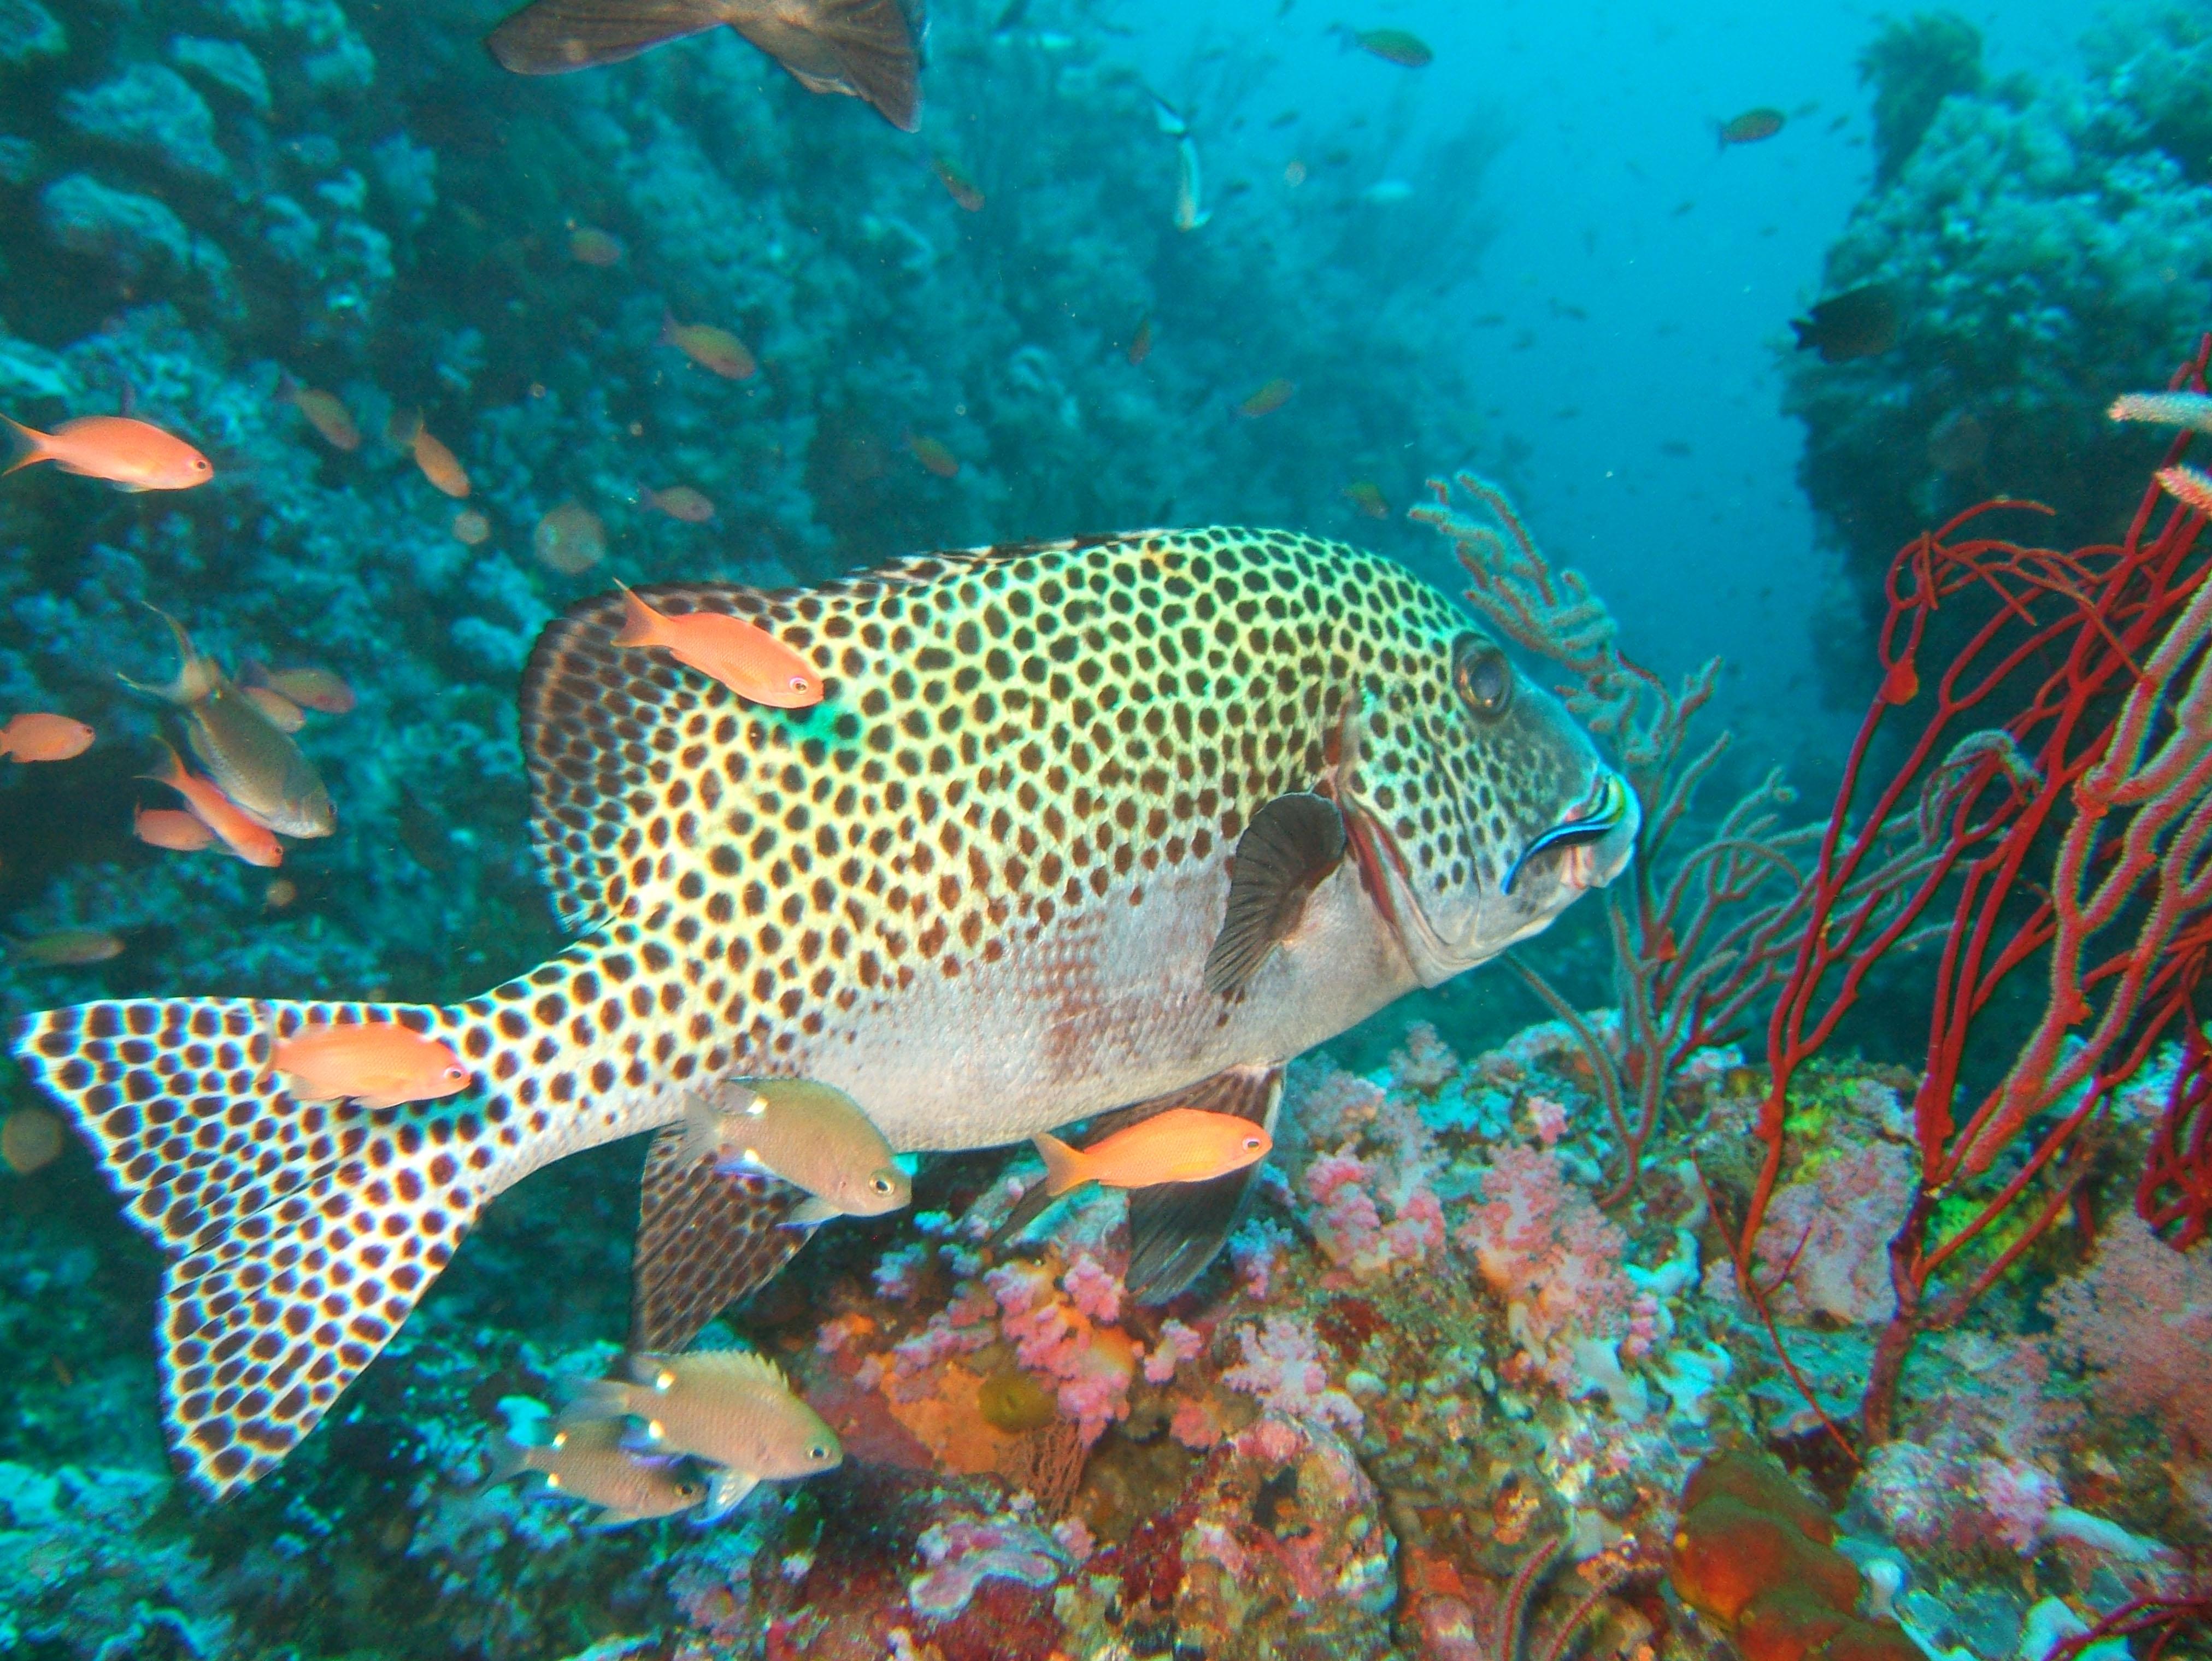 Dive 18 Philippines Mindoro Sabang Canyons Nov 2005 29